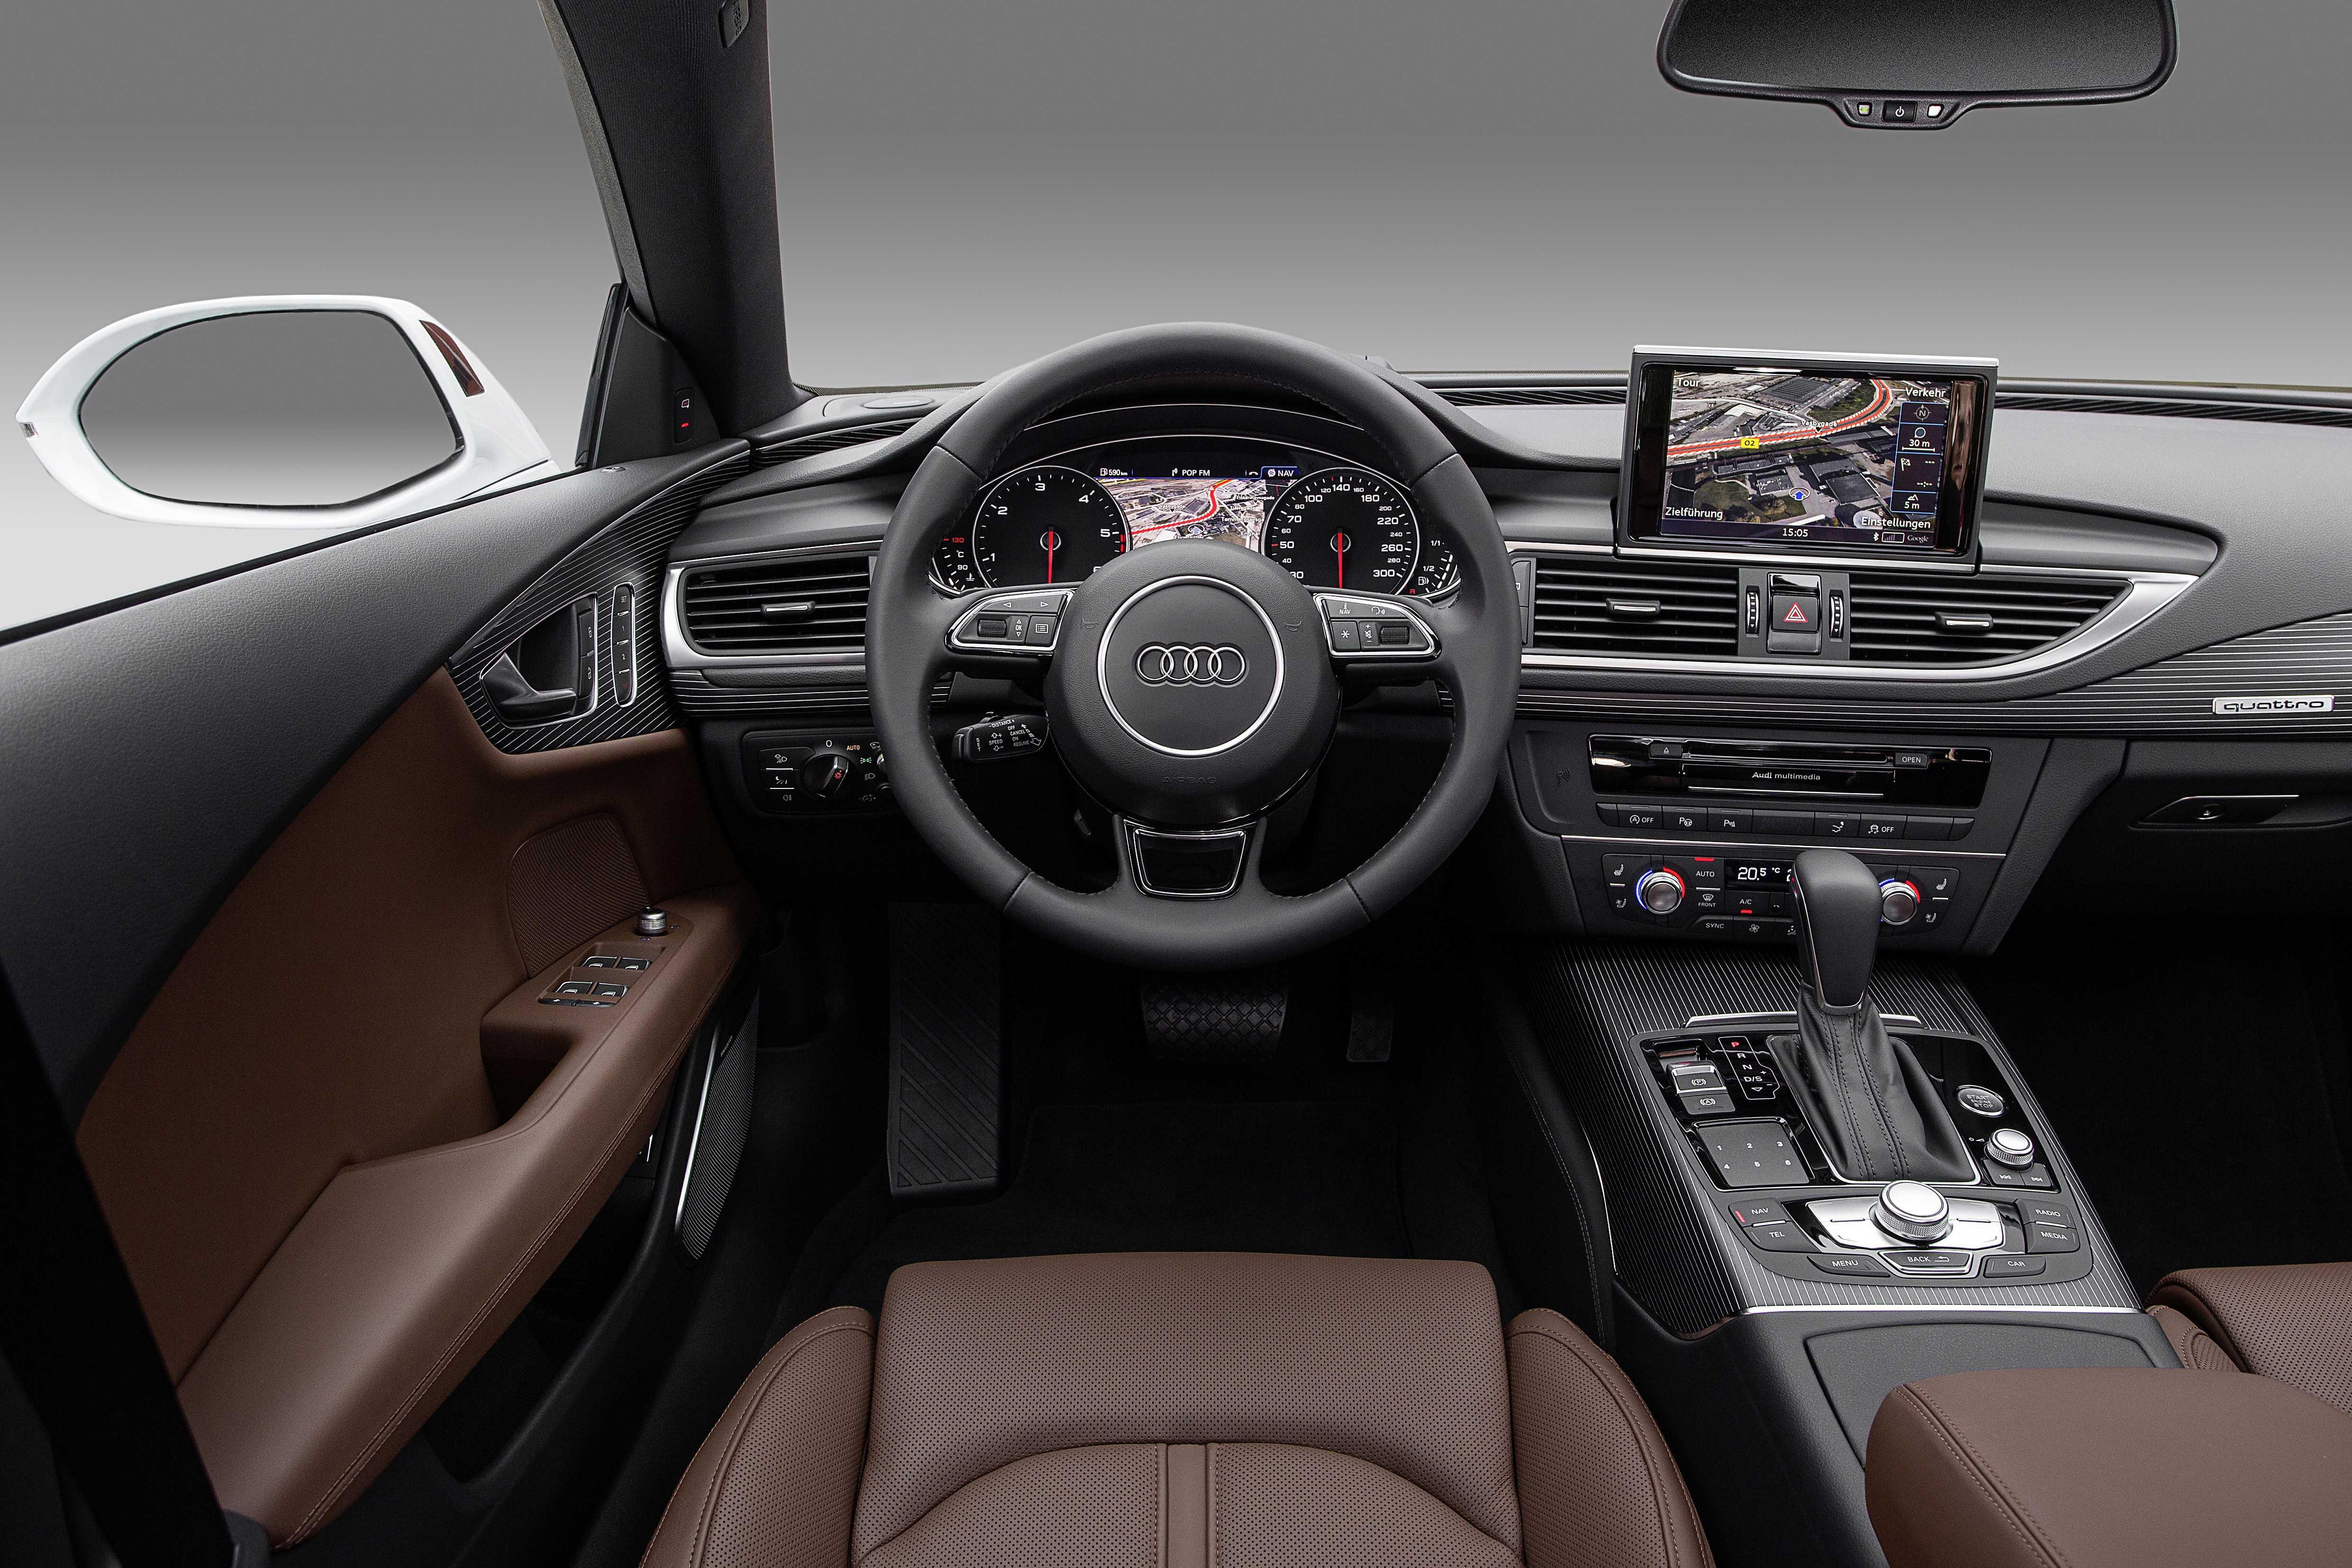 Kelebihan Audi A7 2017 Perbandingan Harga